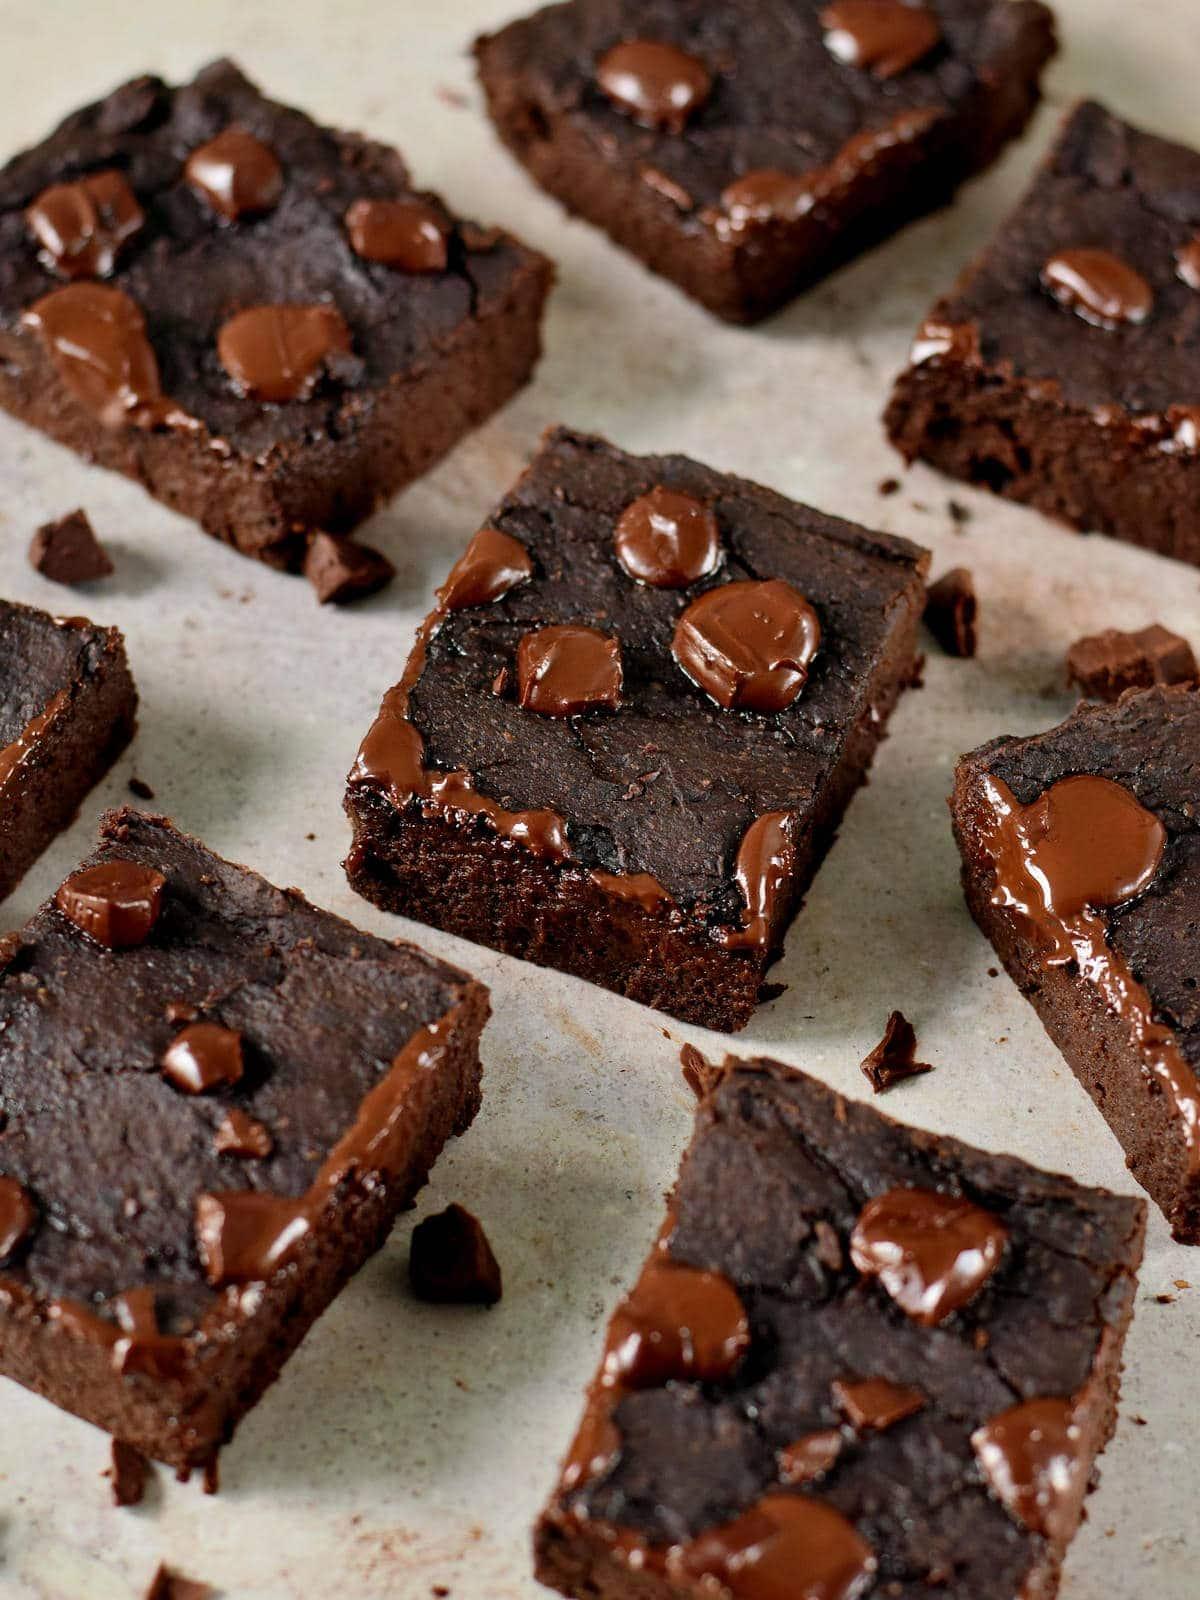 7 gesunde Brownie-Stücke mit geschmolzener Schokolade obendrauf